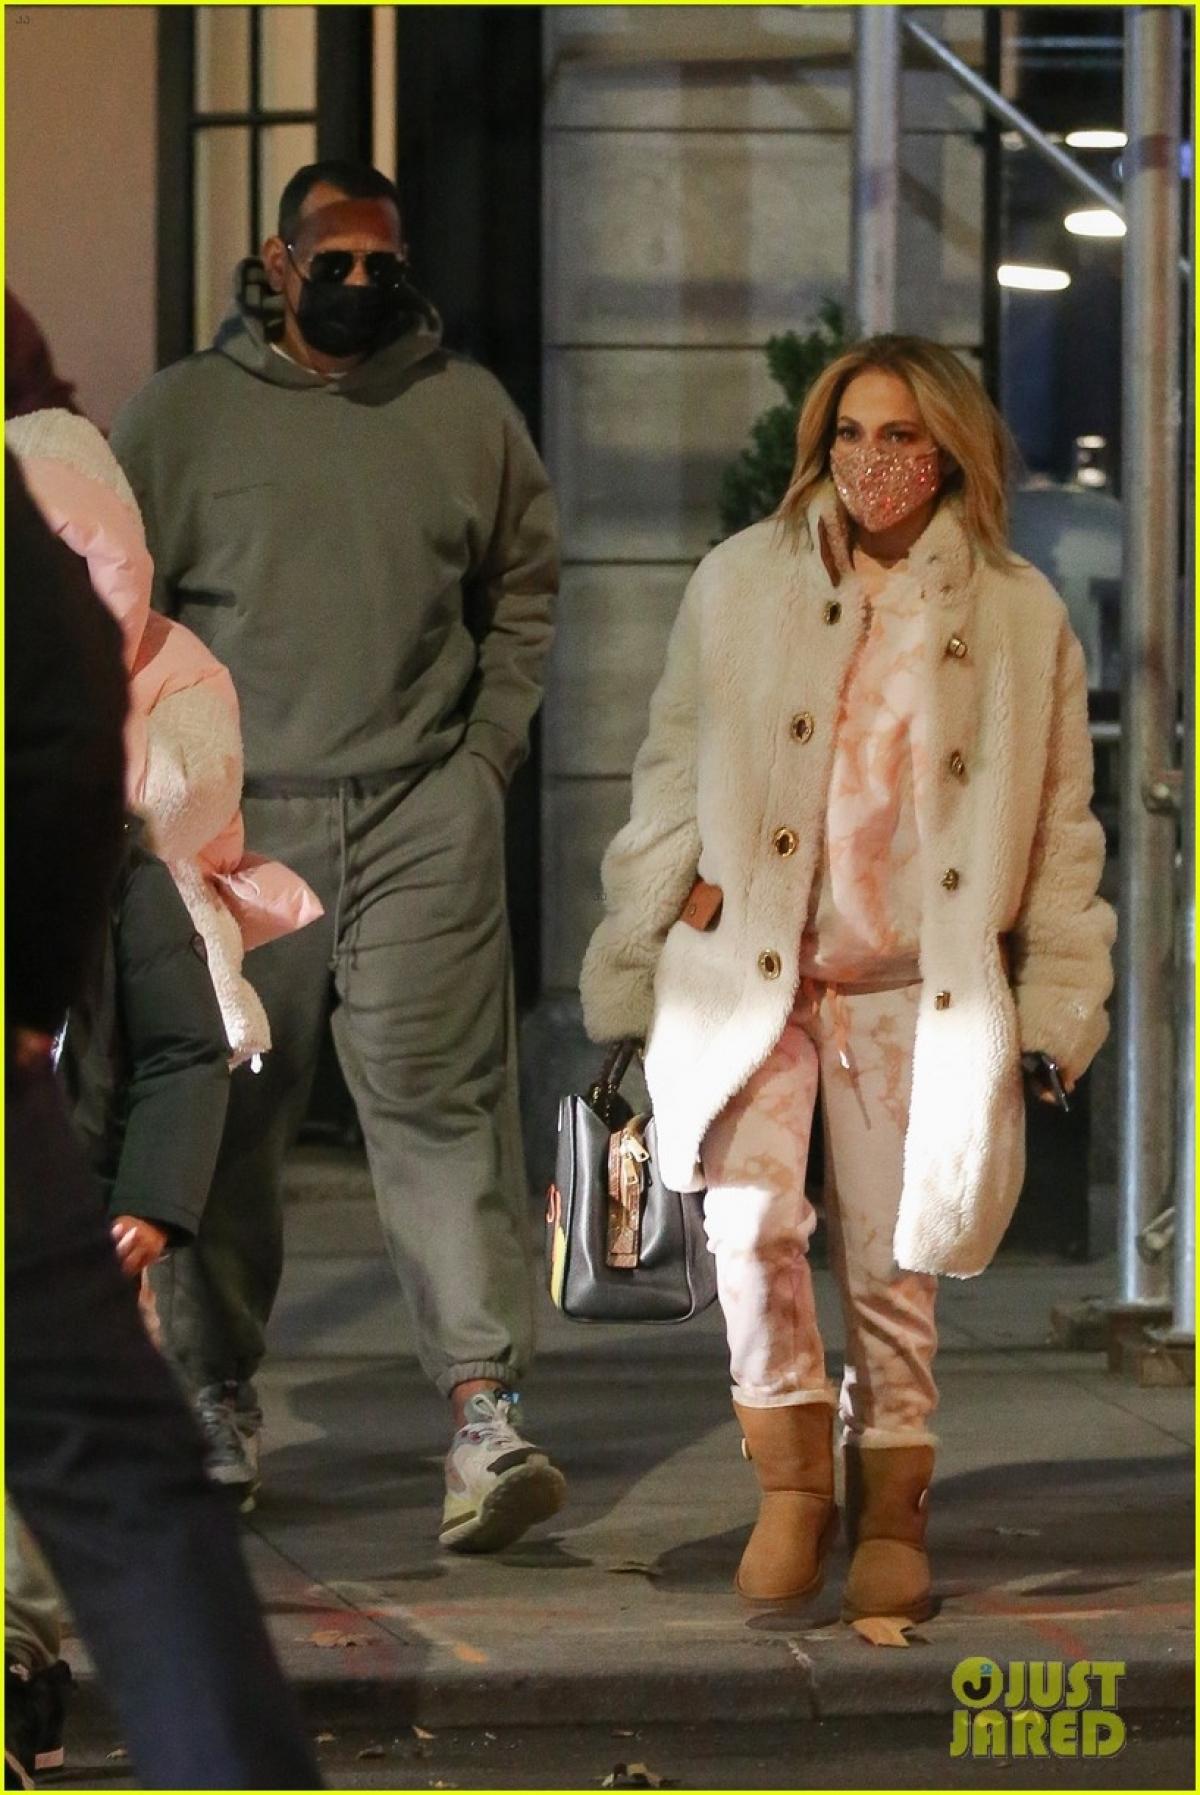 Ở tuổi 52, Jennifer Lopez sở hữu vẻ ngoài trẻ trung, cuốn hút.